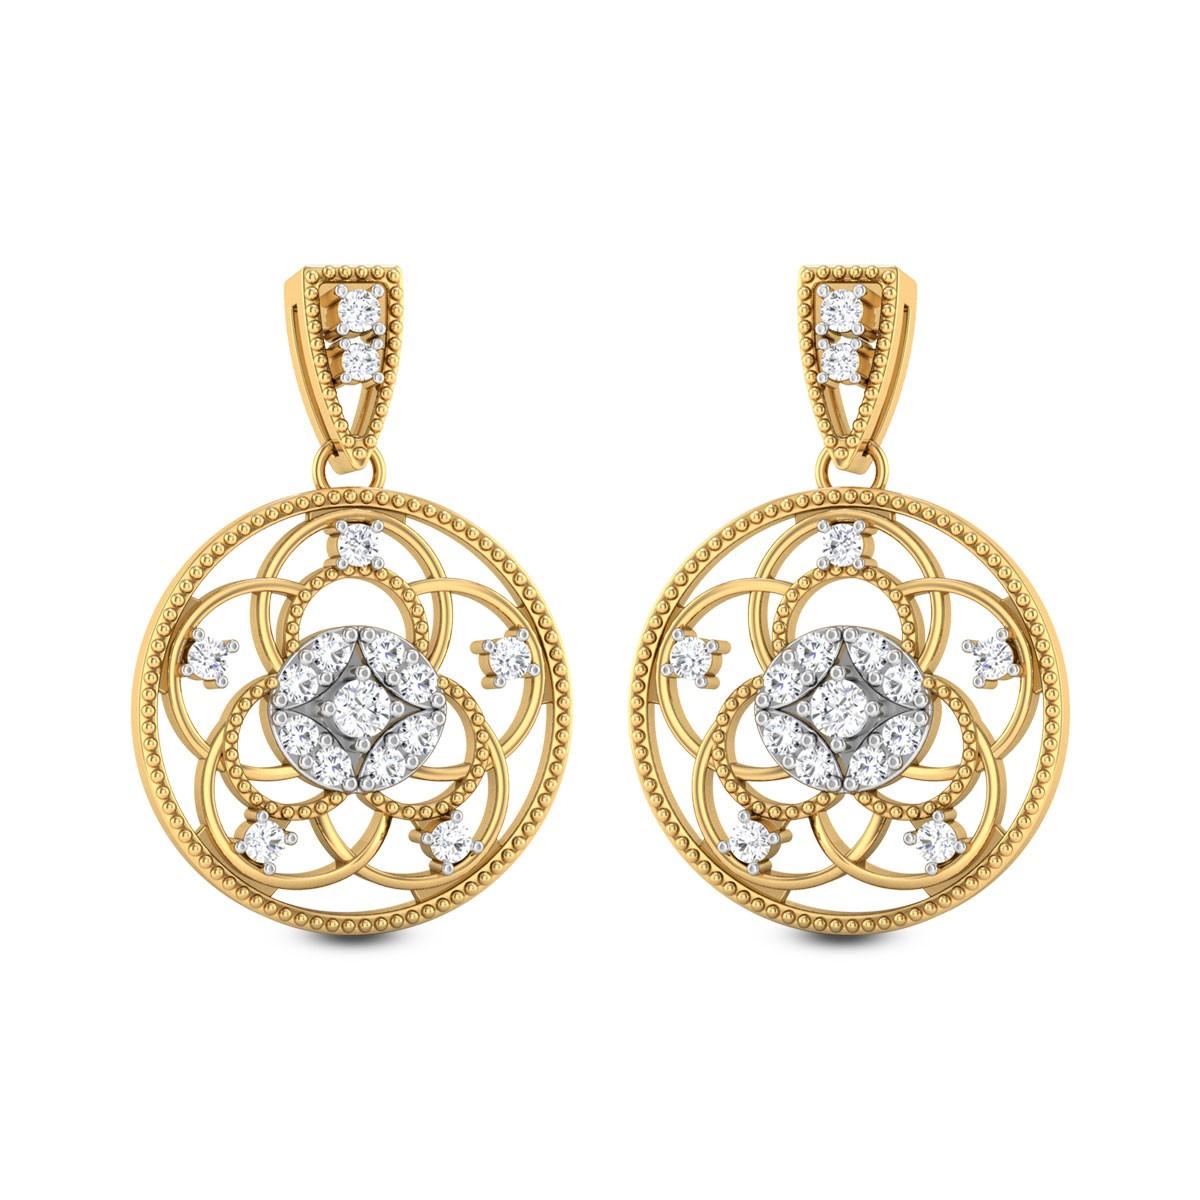 Lela Diamond Earrings